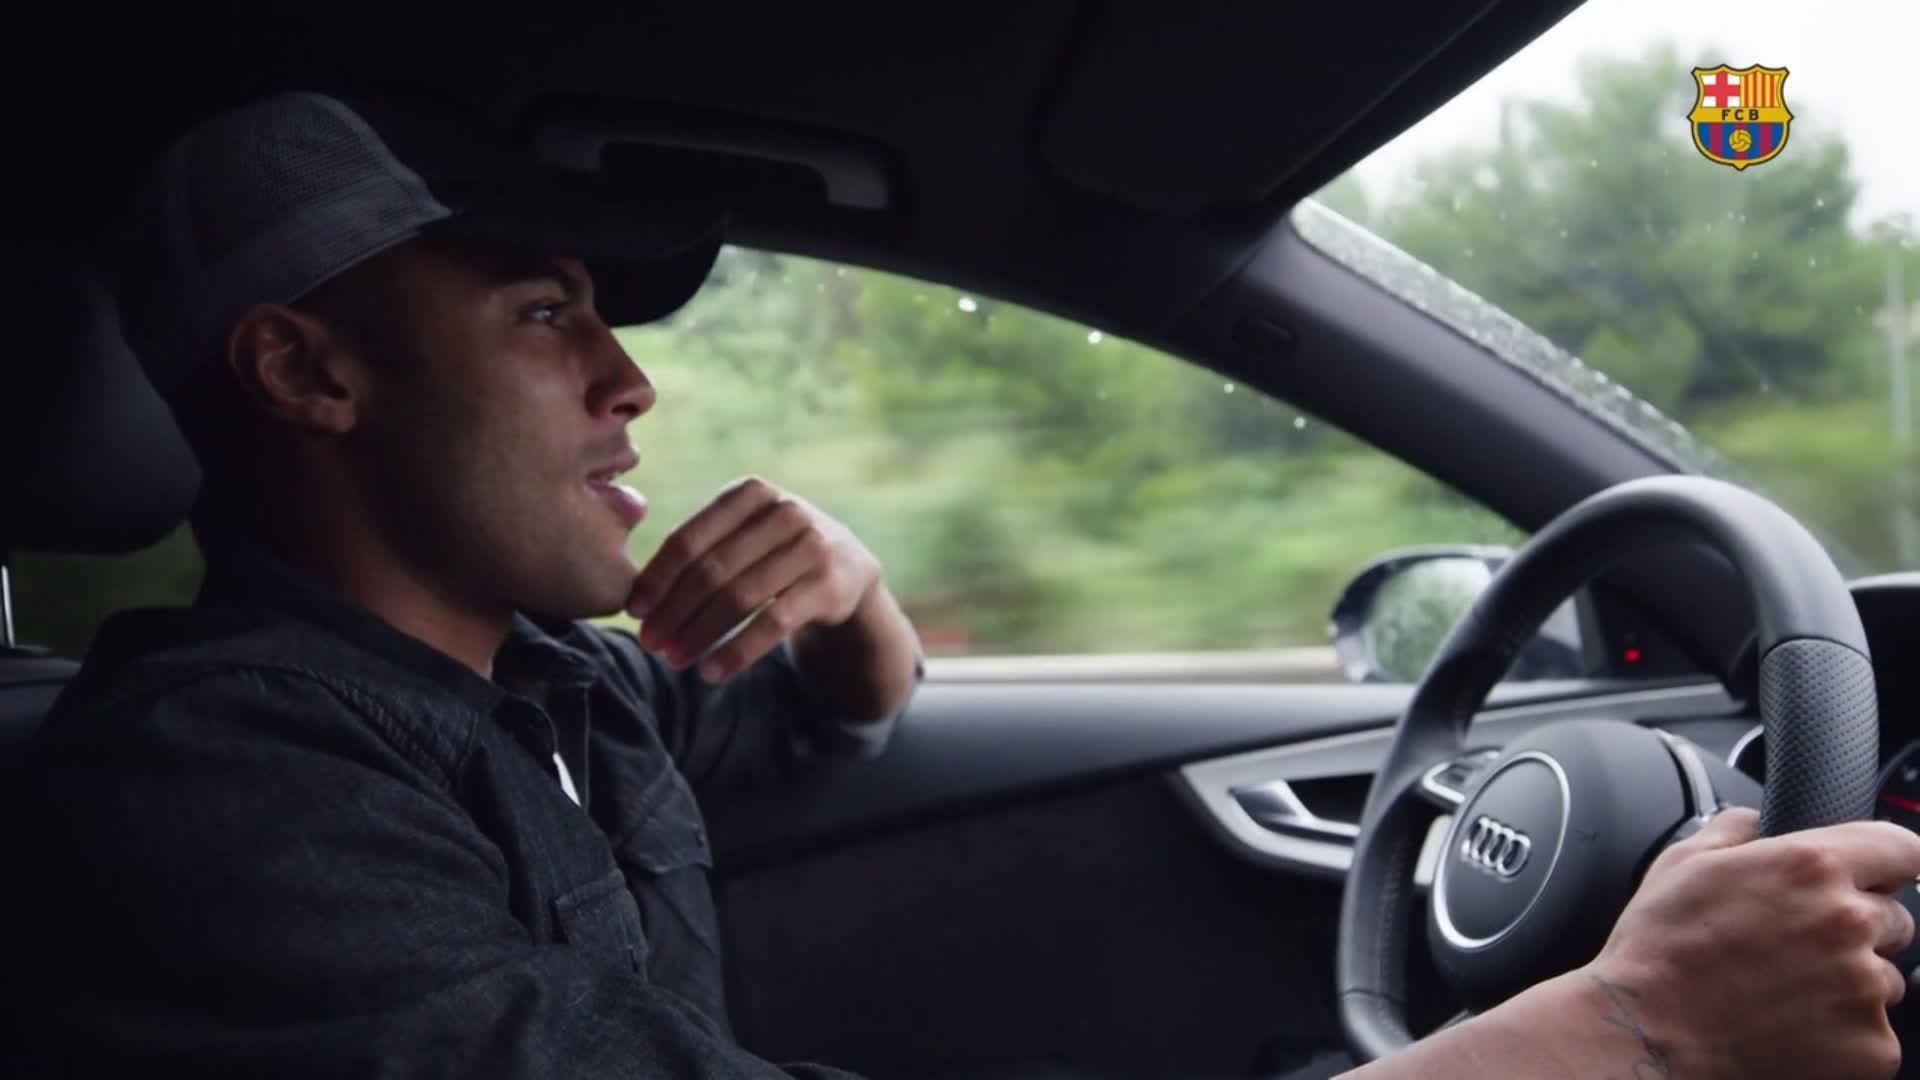 ゚ヘン゚ヤン  ゚ムヤ゚ヤン ゚ヌᆴ゚ヌᄍ゚ヤン ¬タᆭ @Rafinha and his stINT and INTer! FULL VIDEO ゚ムノ https://t.co/2orMFFmiFW #BarᅢᄃaInter https://t.co/0j62F5nzqk